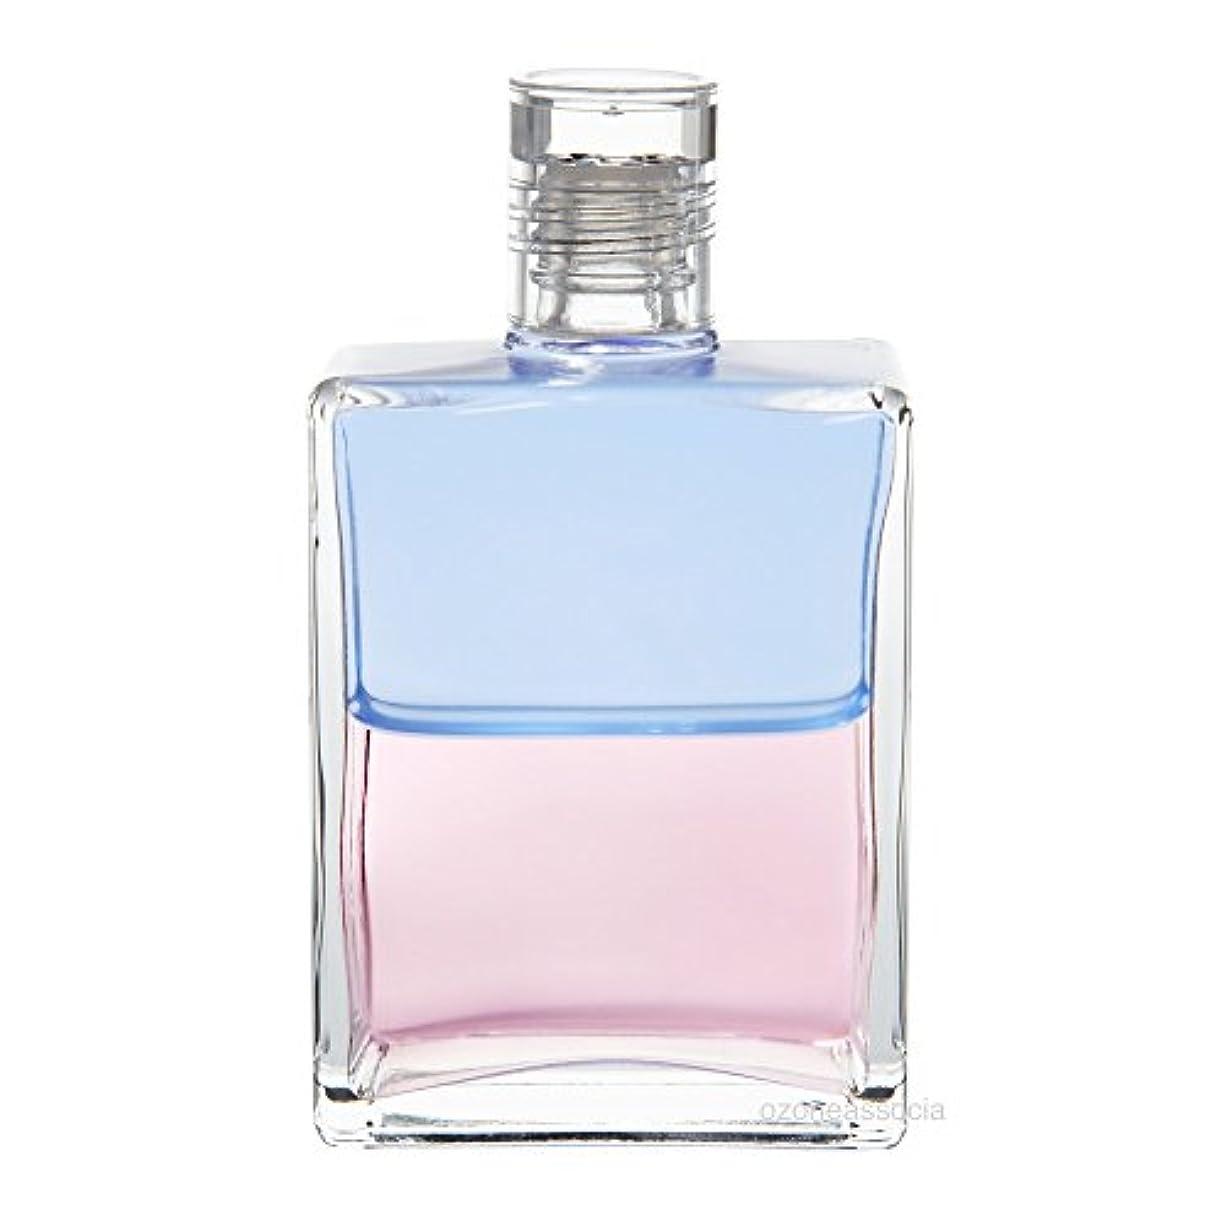 破滅的な粘り強い処分したオーラソーマ ボトル 58番  オリオン&アンジェリカ (ペールブルー/ペールピンク) イクイリブリアムボトル50ml Aurasoma